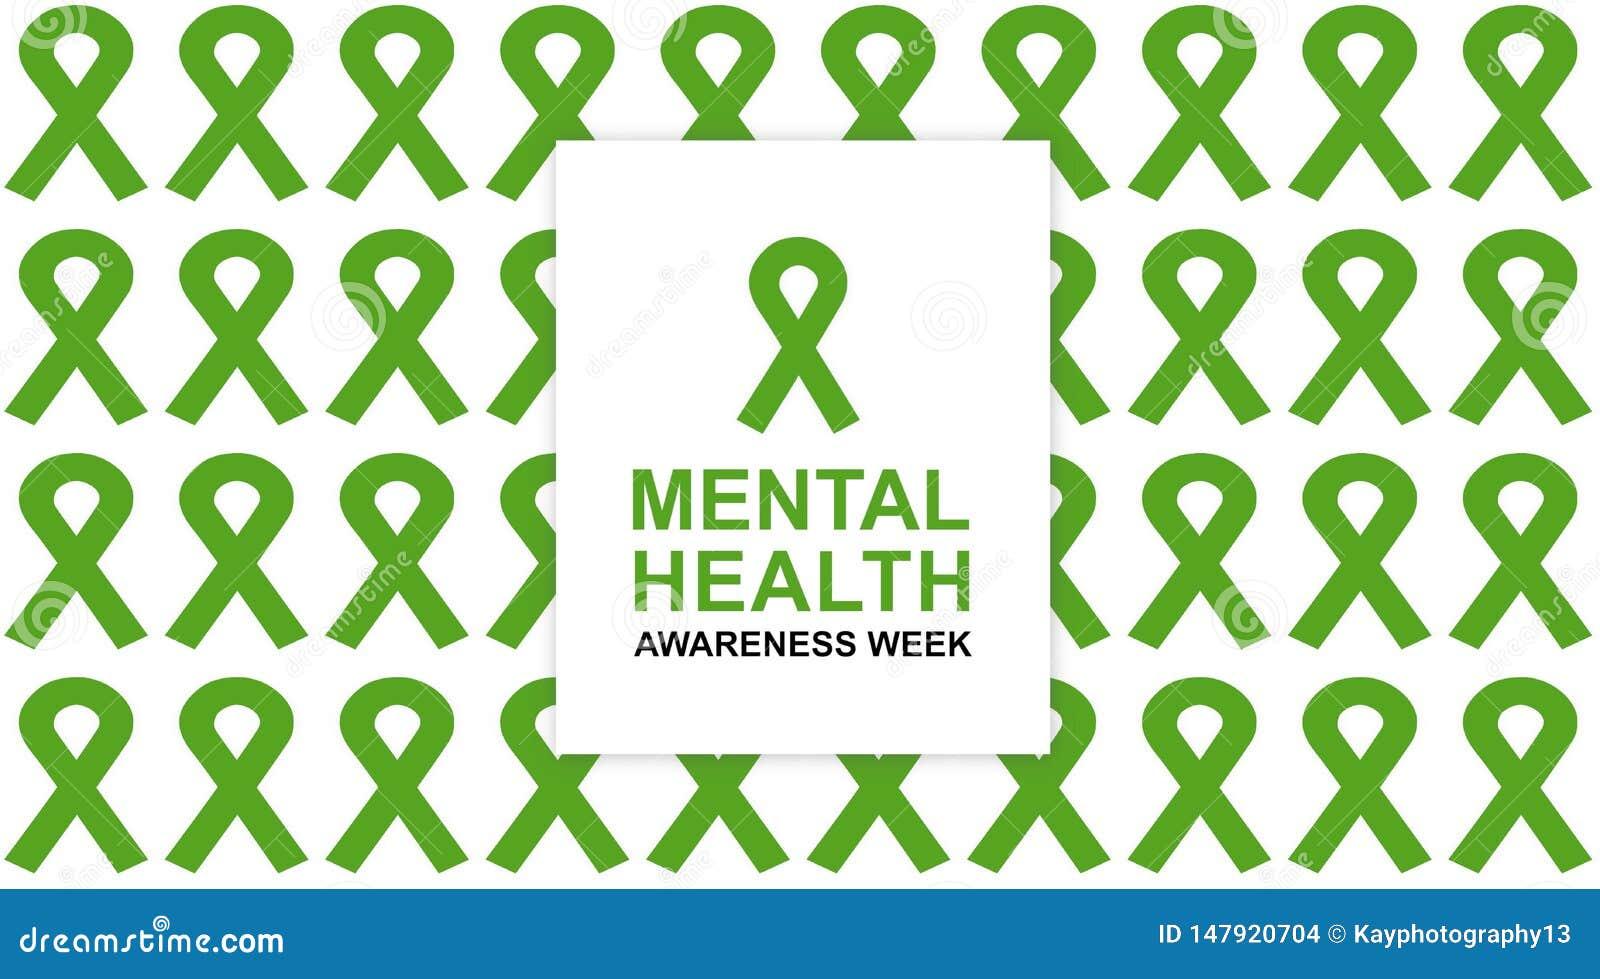 Zdrowie Psychiczne ?wiadomo?? roczna kampania podkre?la ?wiadomo?? zdrowie psychiczne